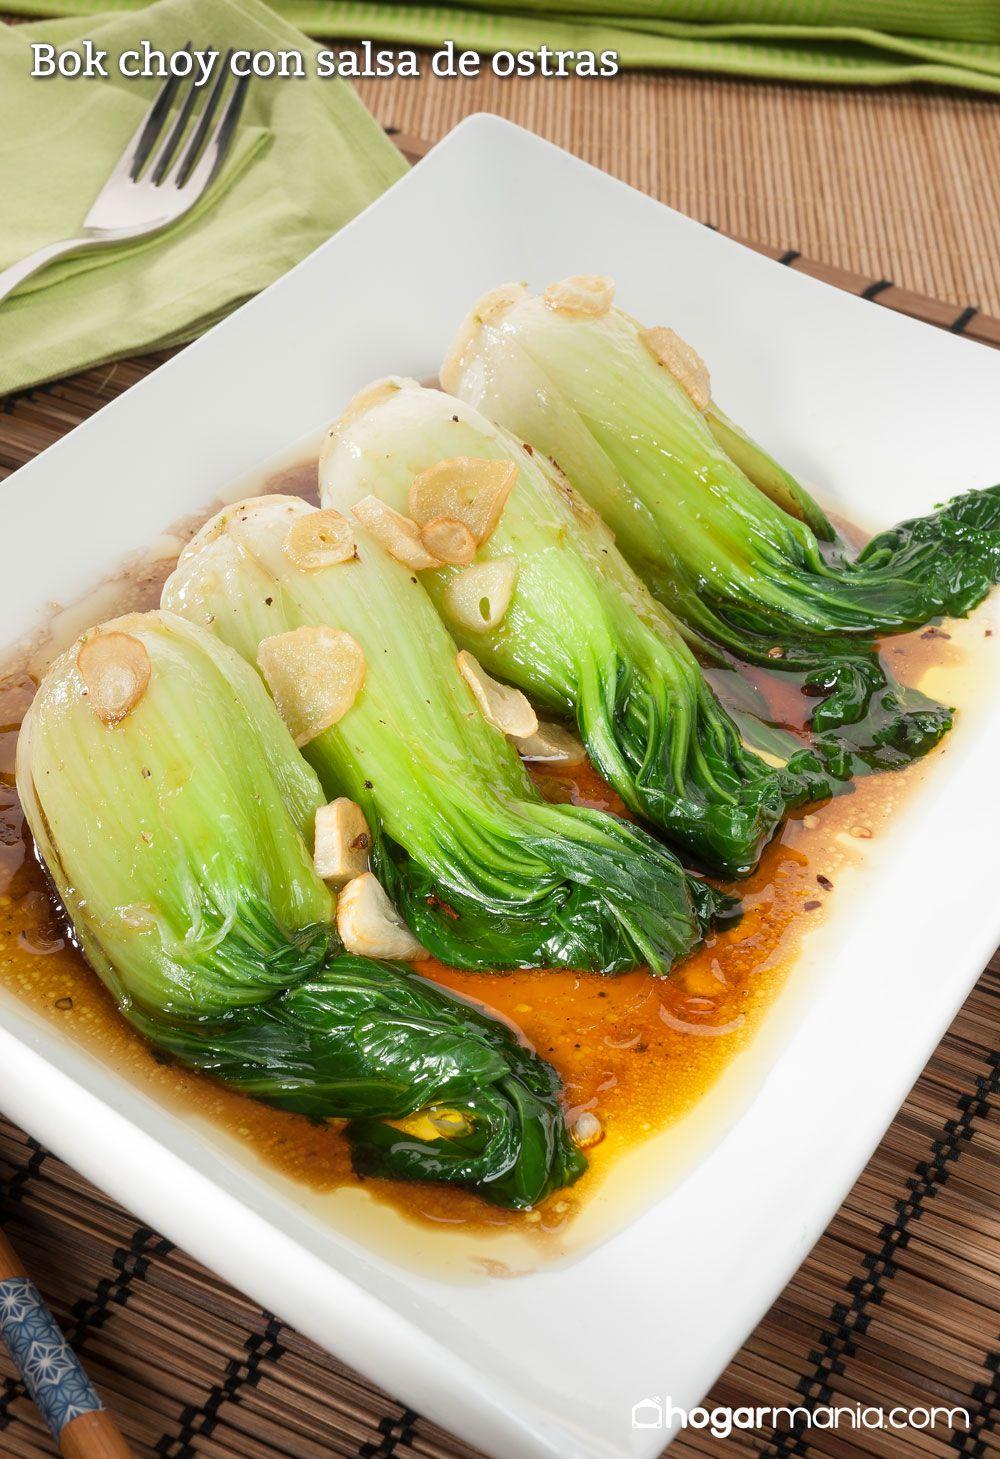 Bok choy con salsa de ostras